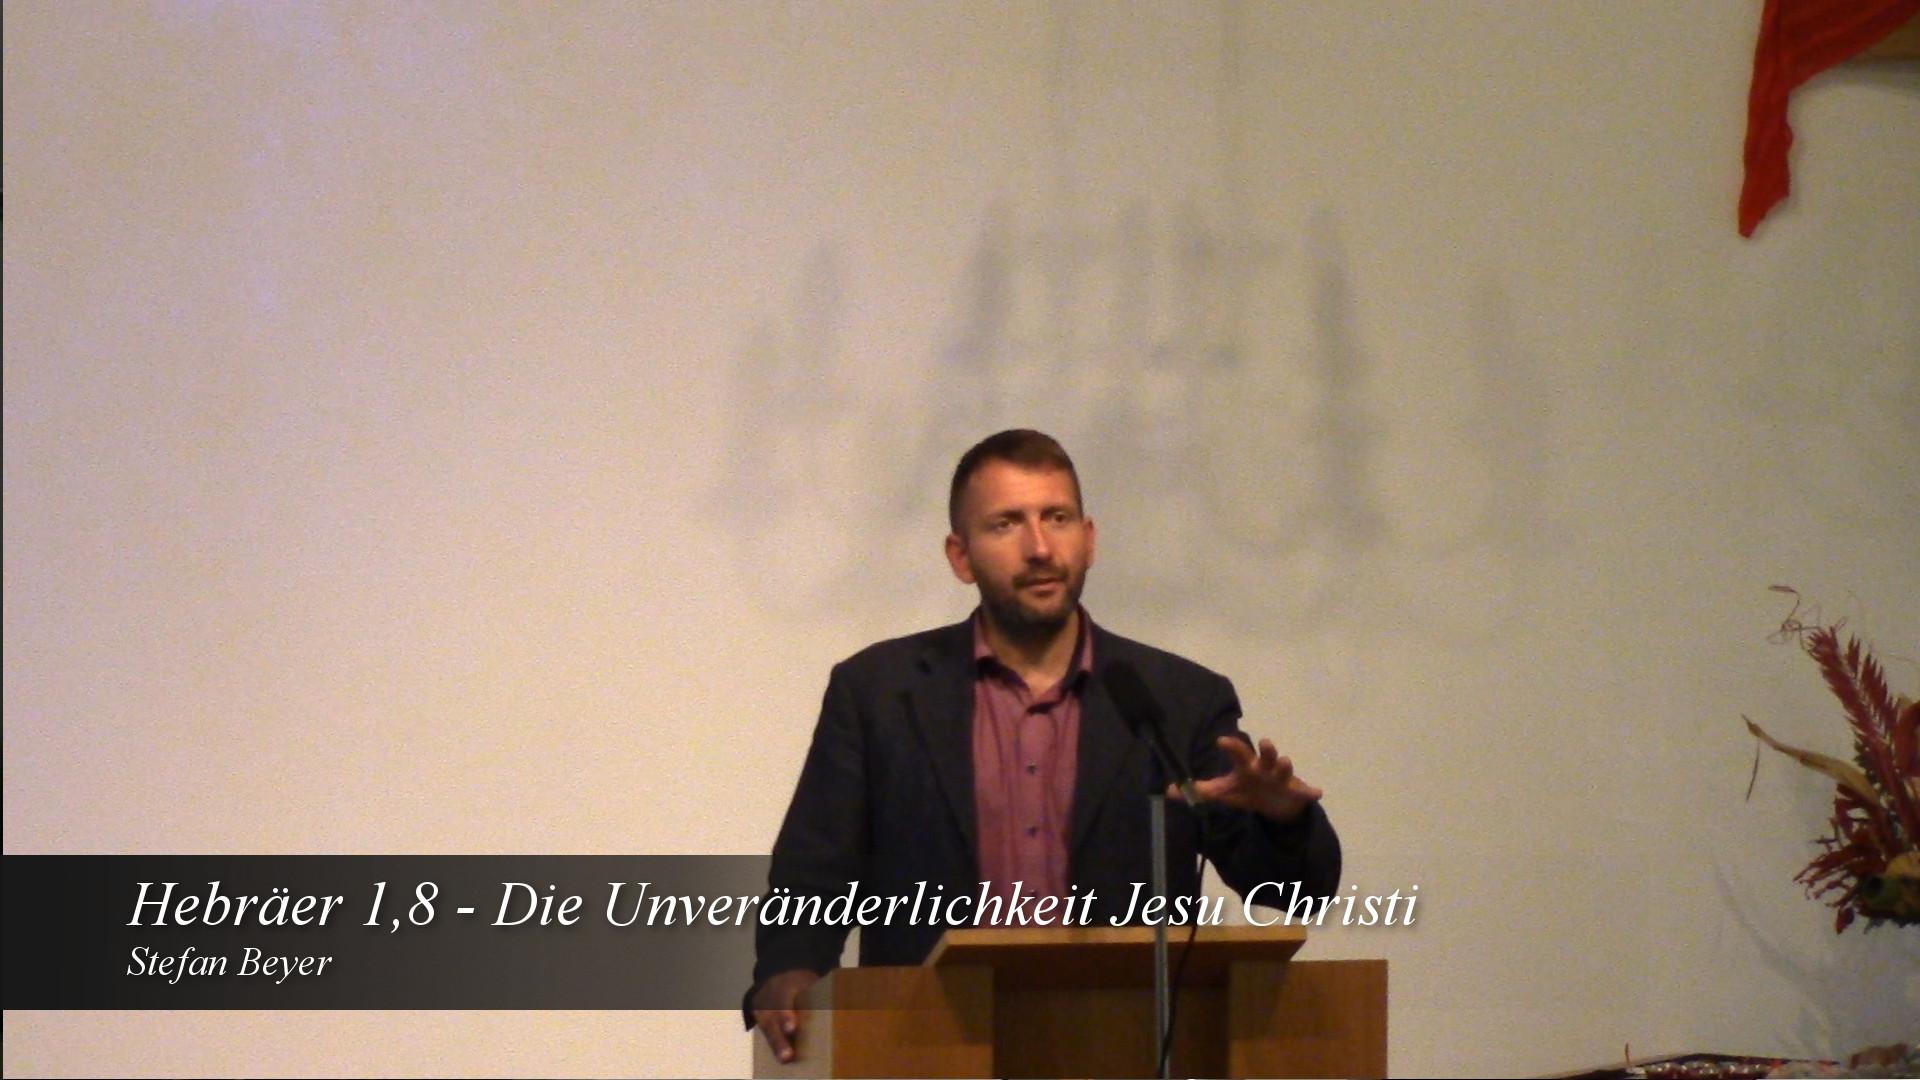 Die Unveränderlichkeit Jesu Christi